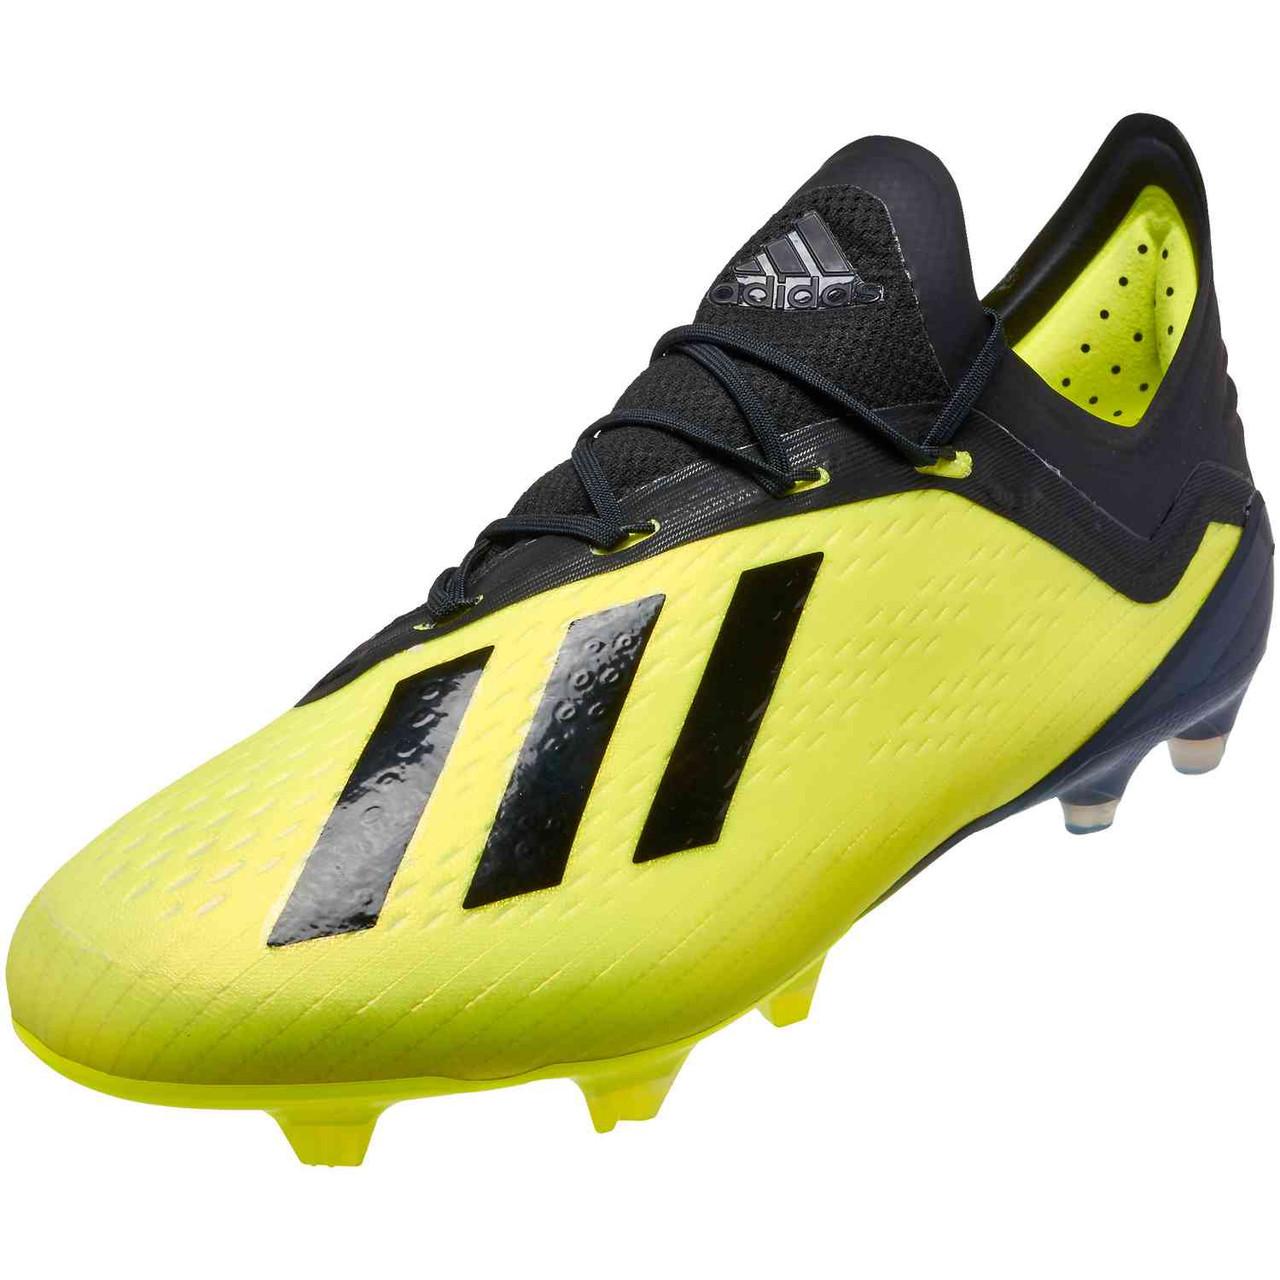 ADIDAS X 18.1 FG YELLOW/BLACK - Soccer Plus